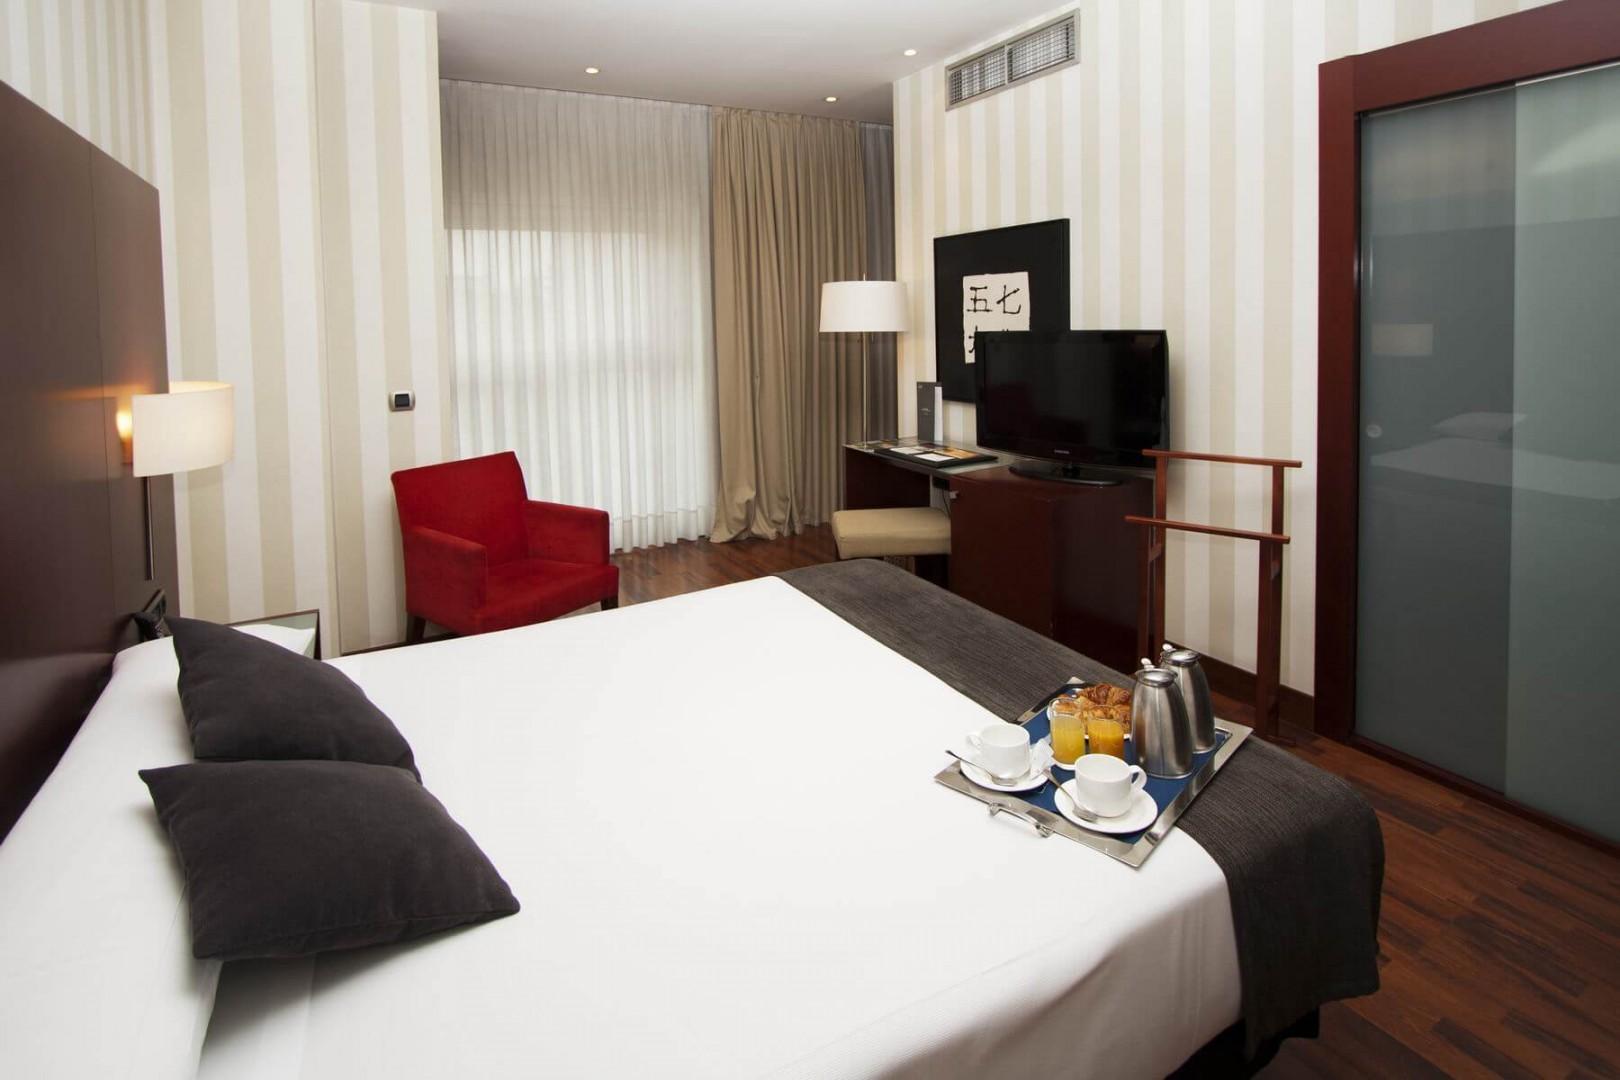 3 hoteles rom nticos y econ micos para celebrar san - Hoteles romanticos para parejas ...